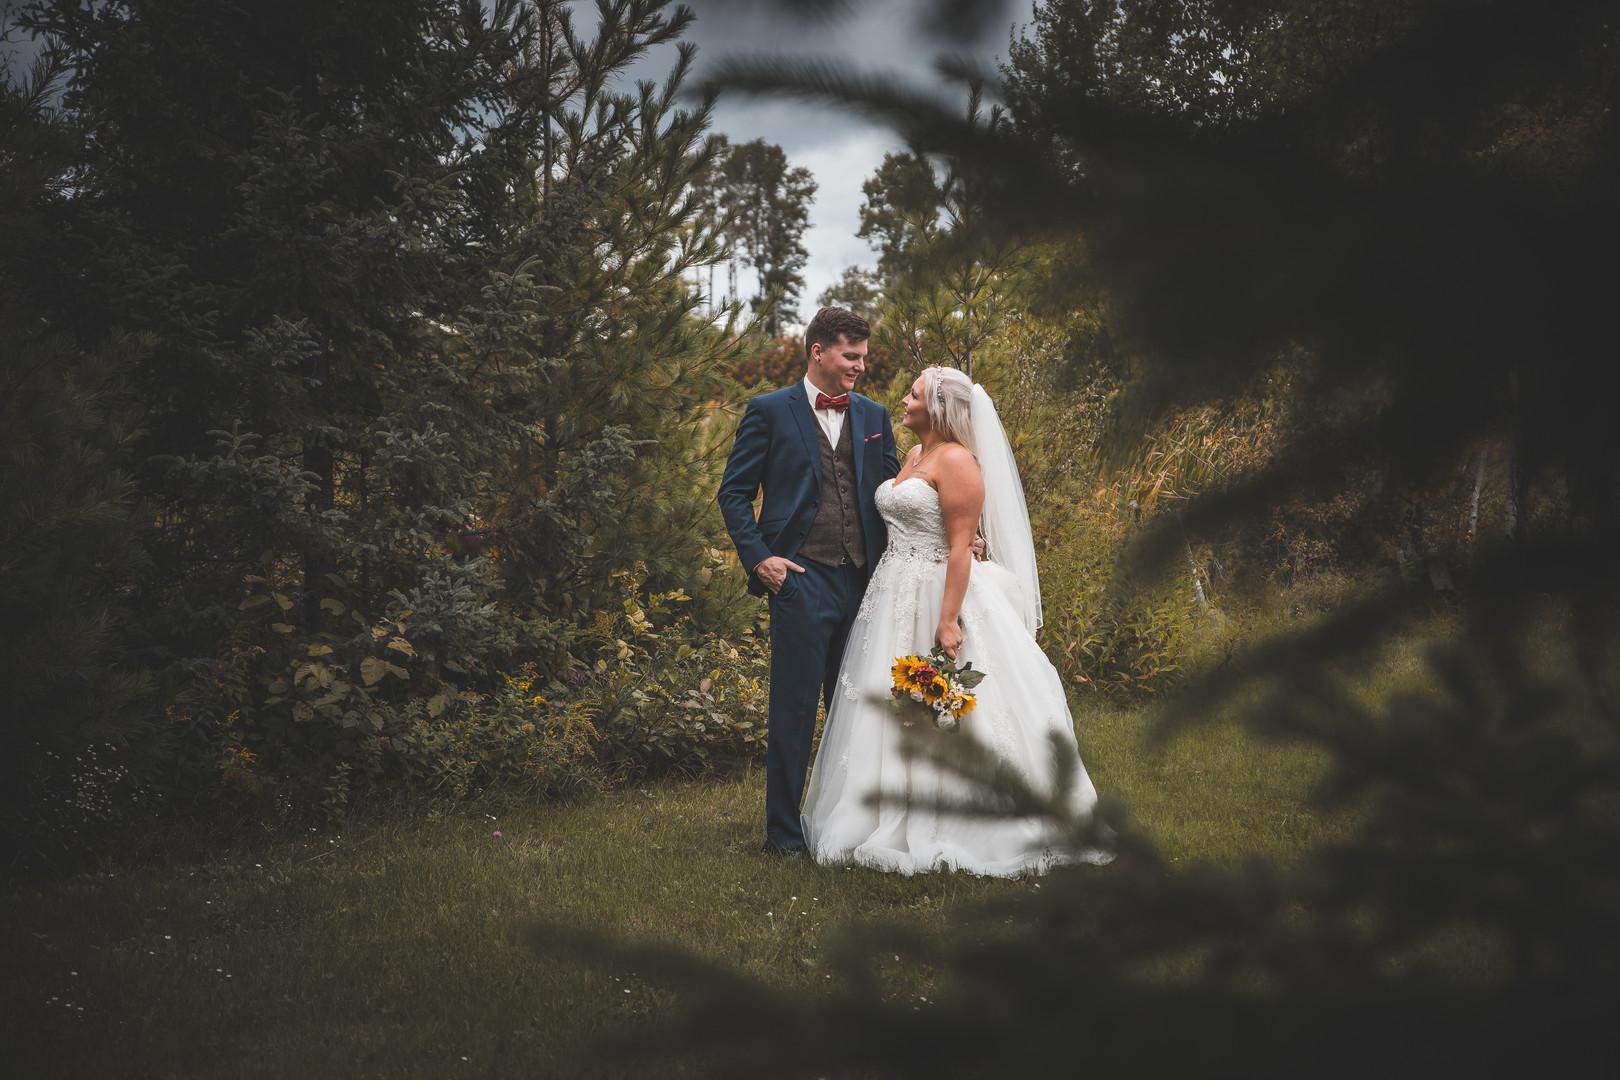 AmyMike-weddingparty-127.jpg